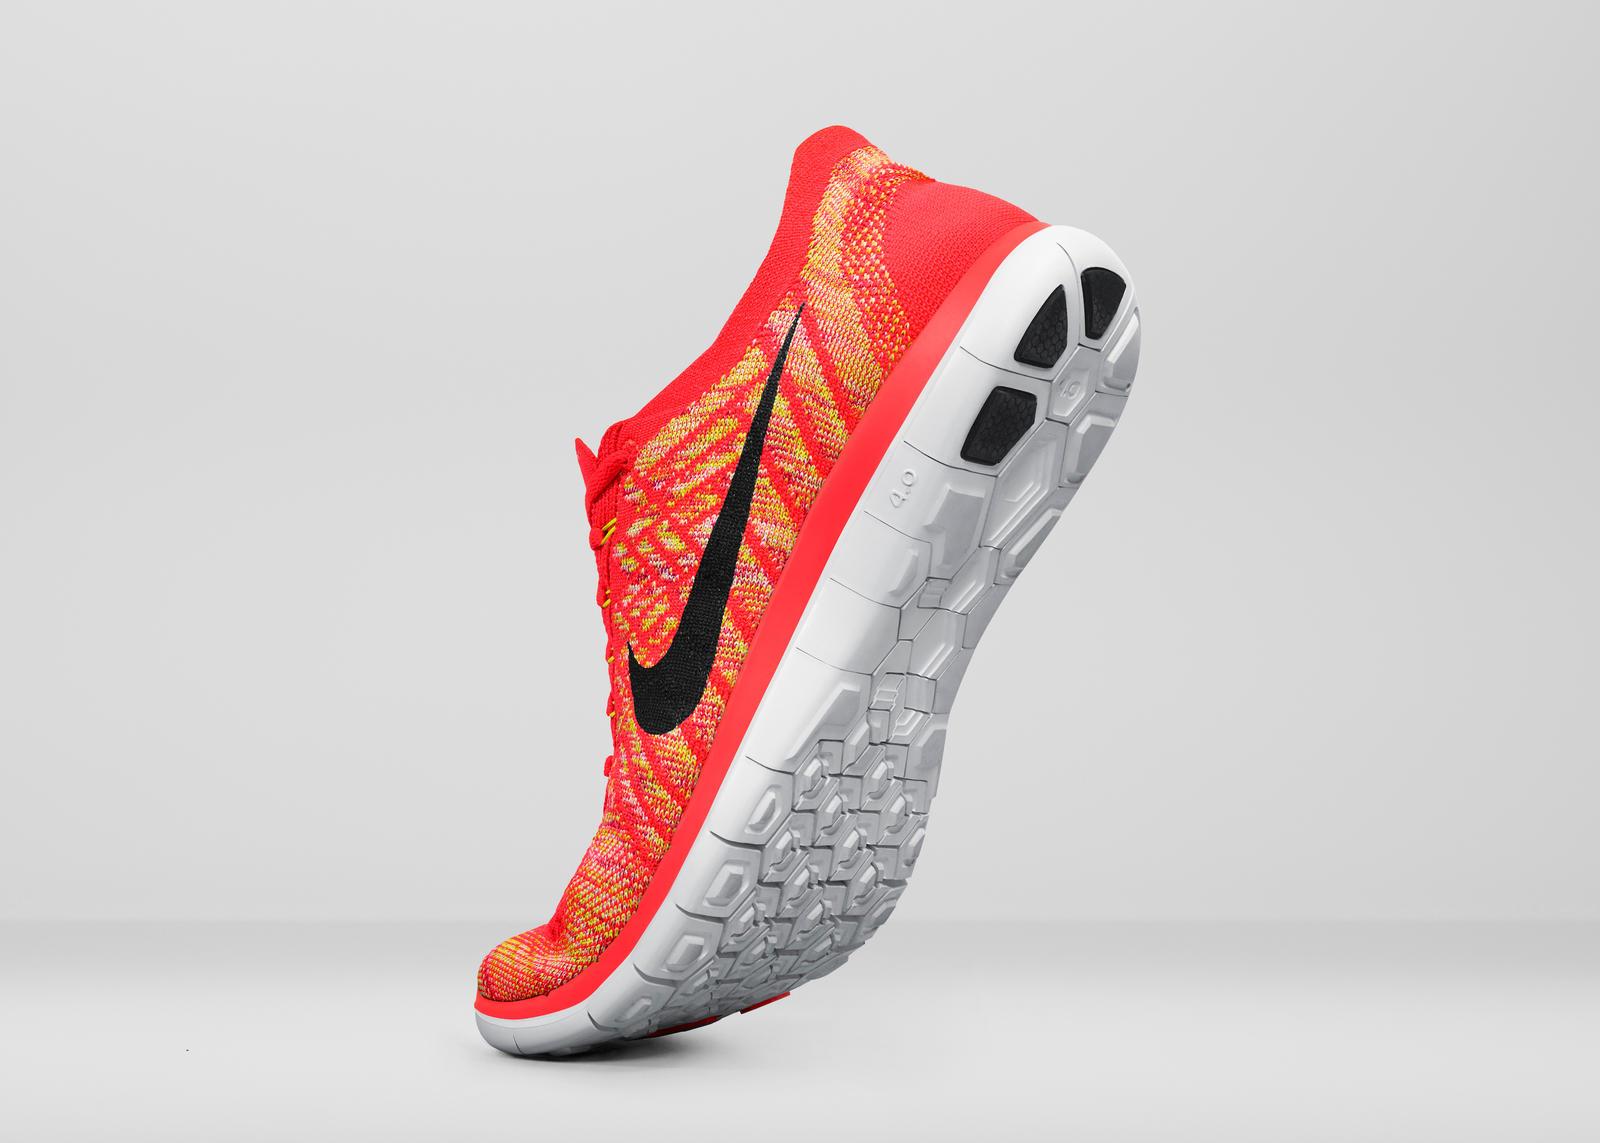 SU15_W_NikeFree_5_0_Pair_Heel_39244_porto 26